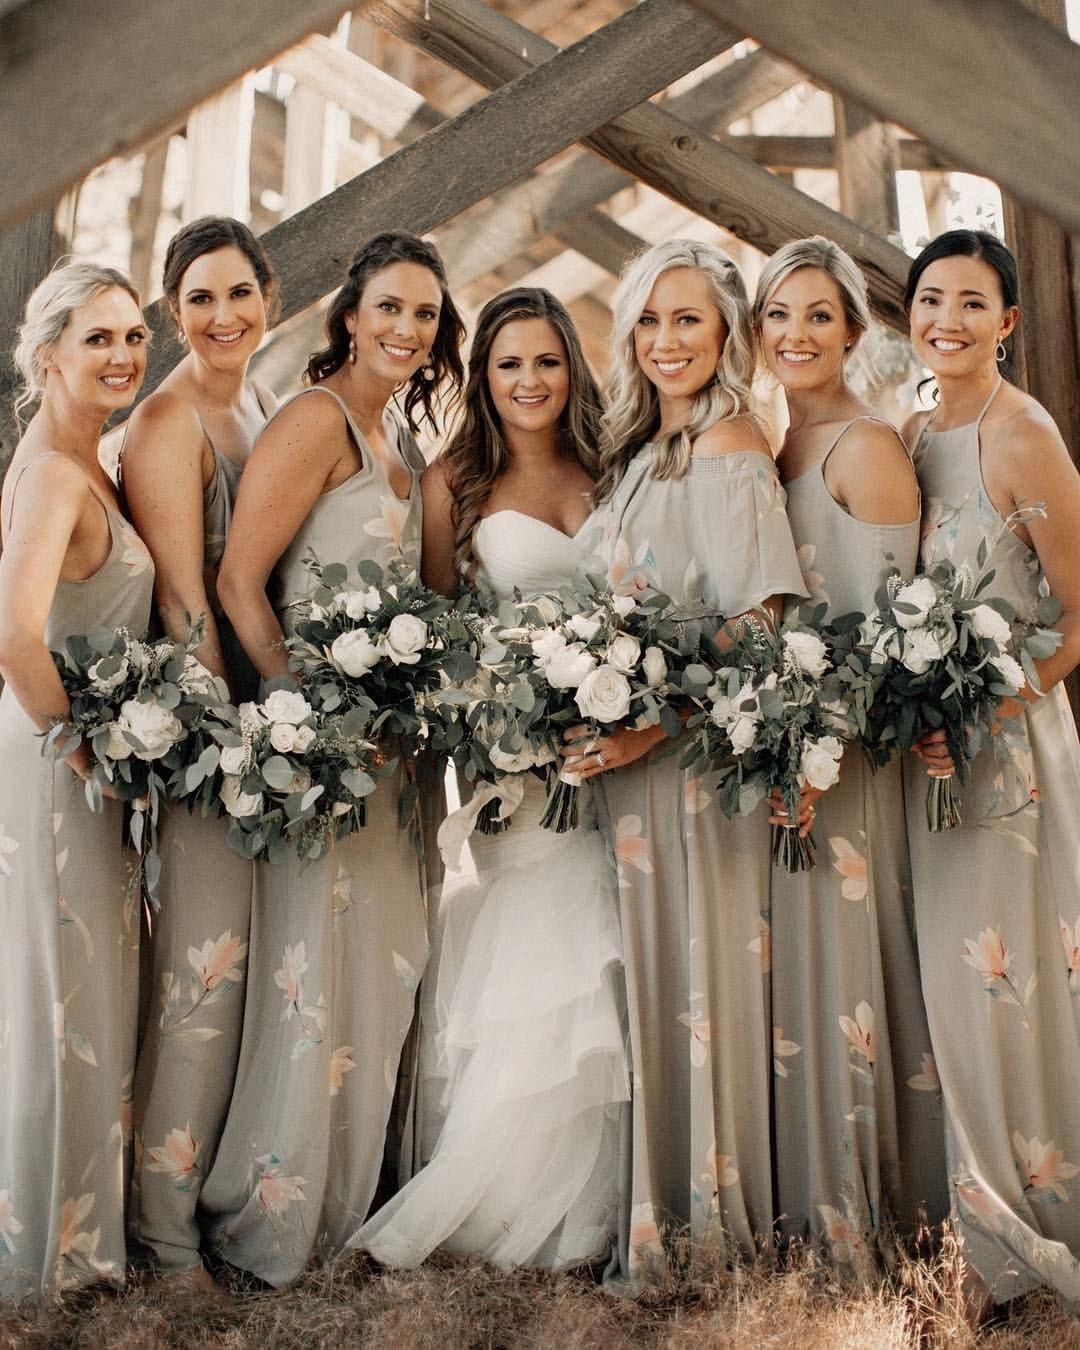 Grey Gray Taupe Wedding Bride Bridal Bridesmaid Dresses Long Floral Bridesmaid Dresses Taupe Bridesmaid Dresses Taupe Bridesmaid